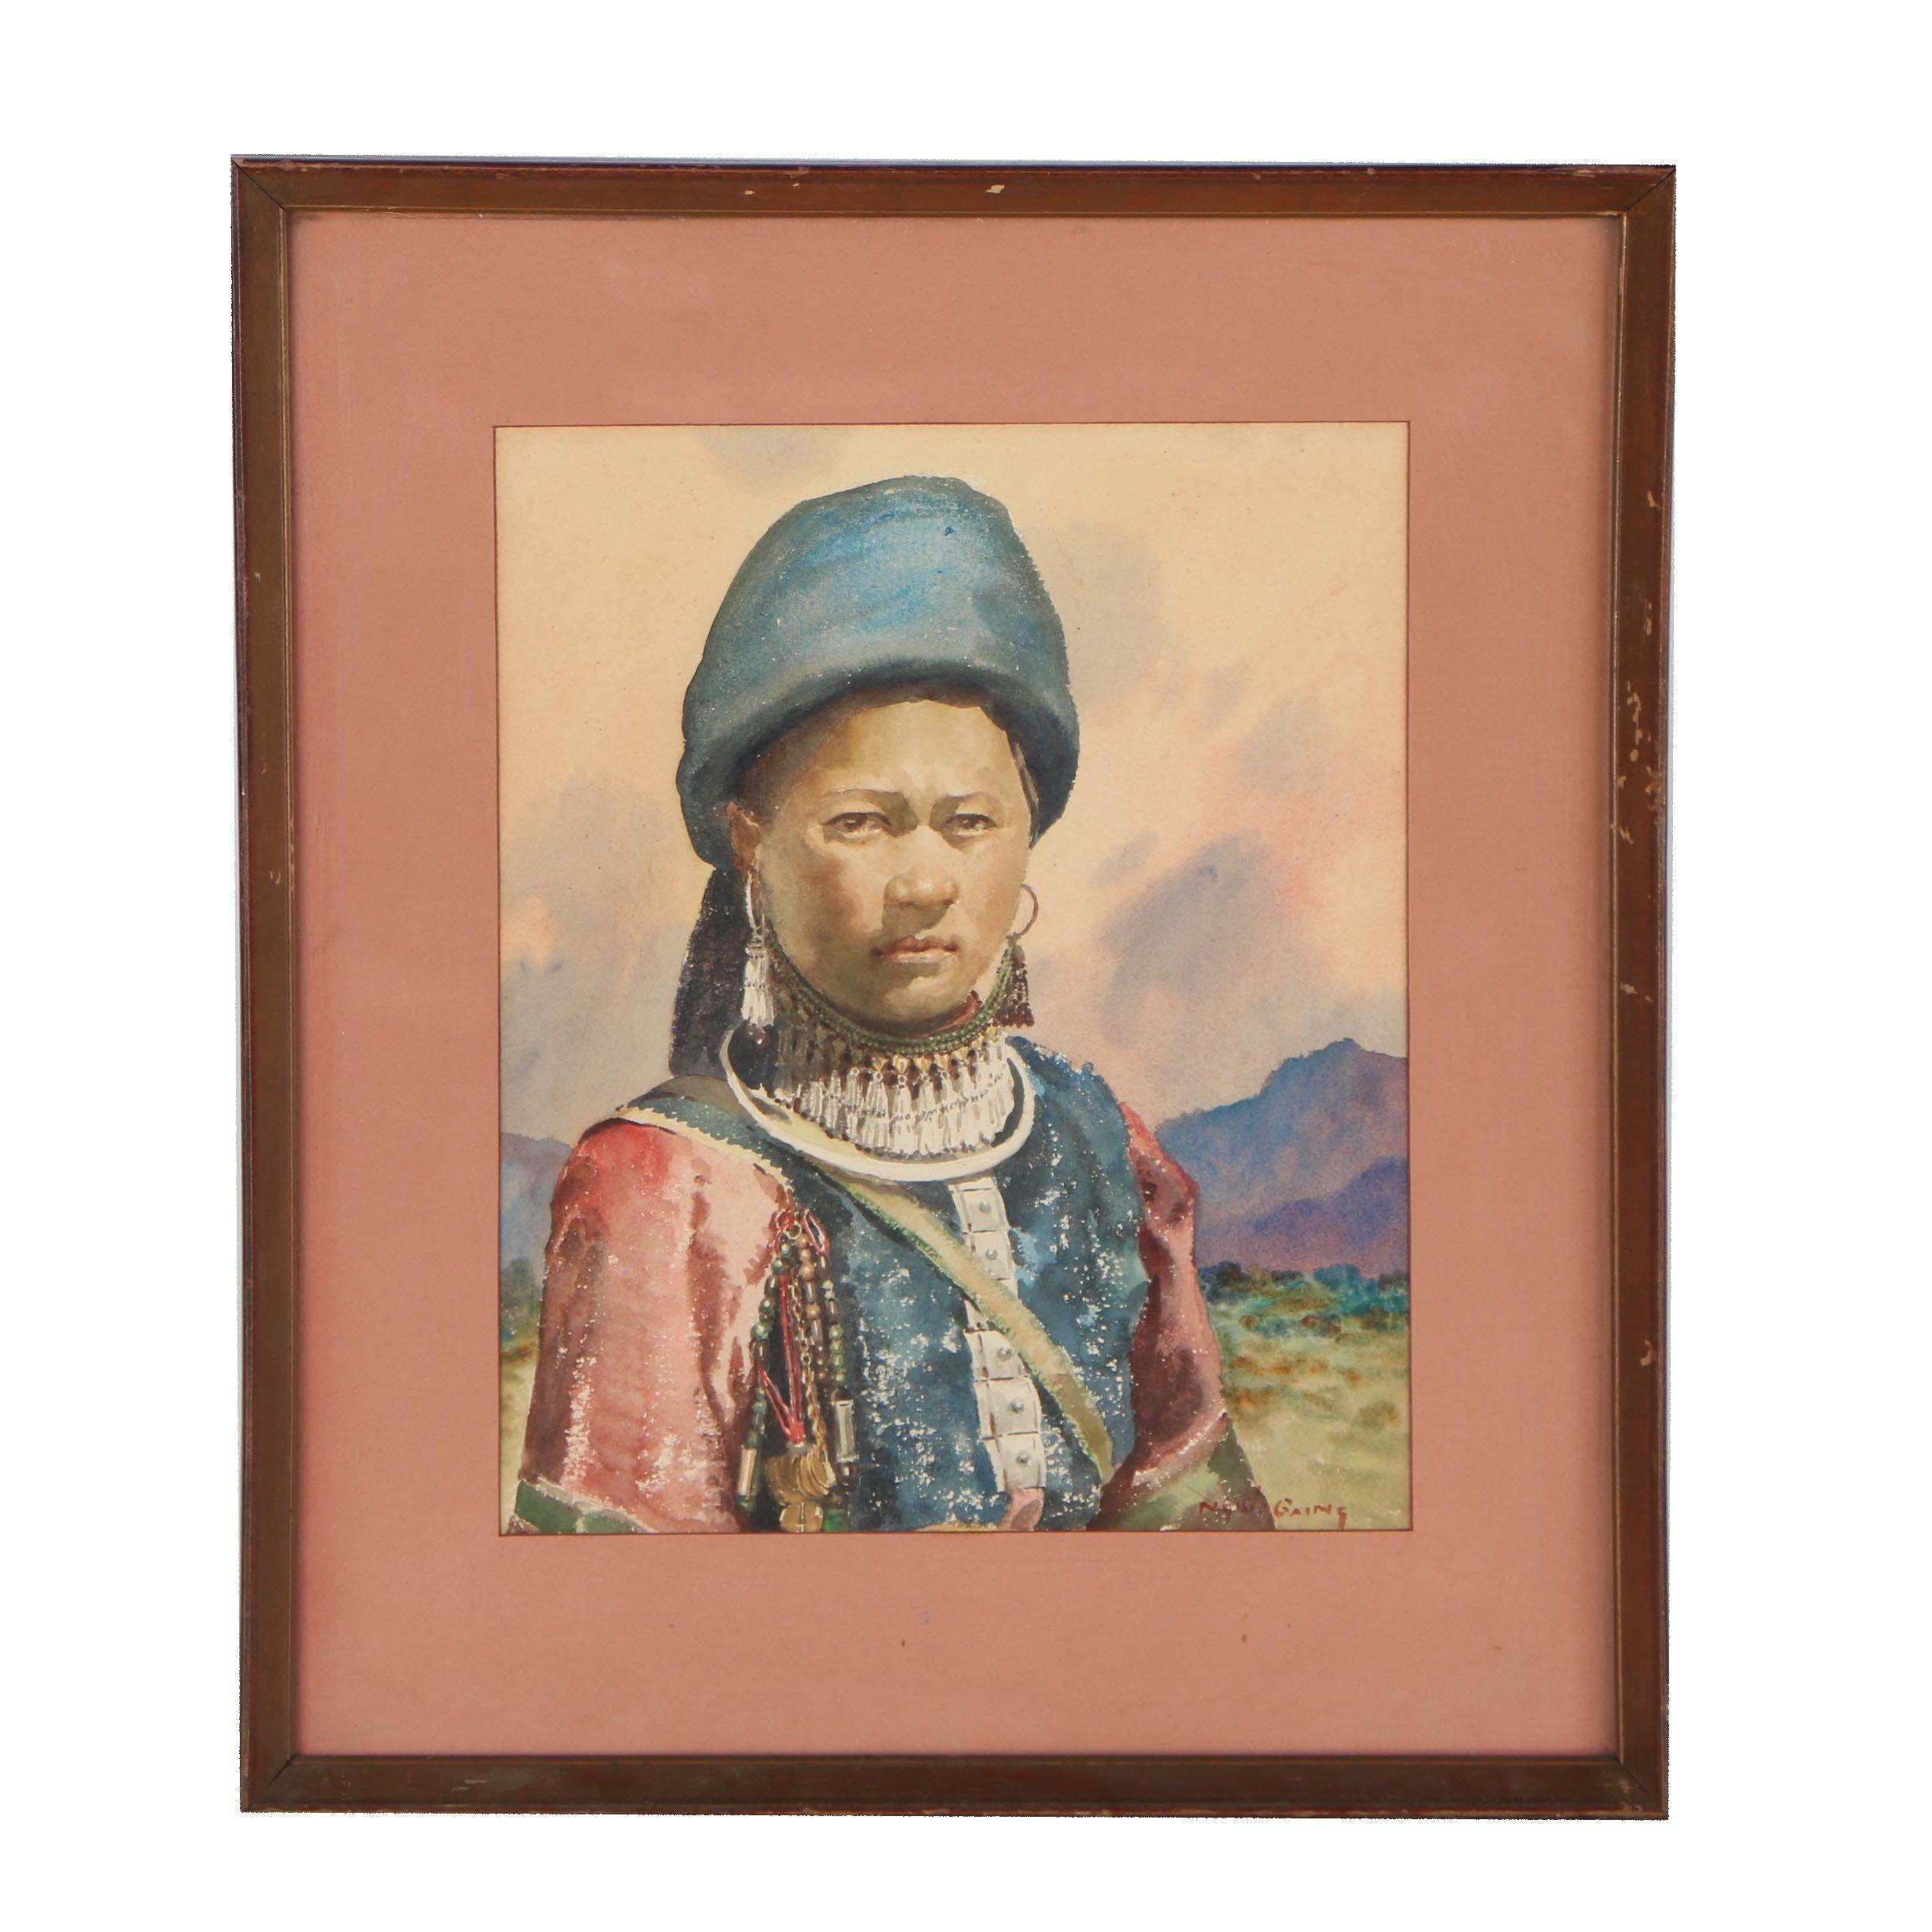 Ngwe Gaing Watercolor Portrait of Burmese Girl